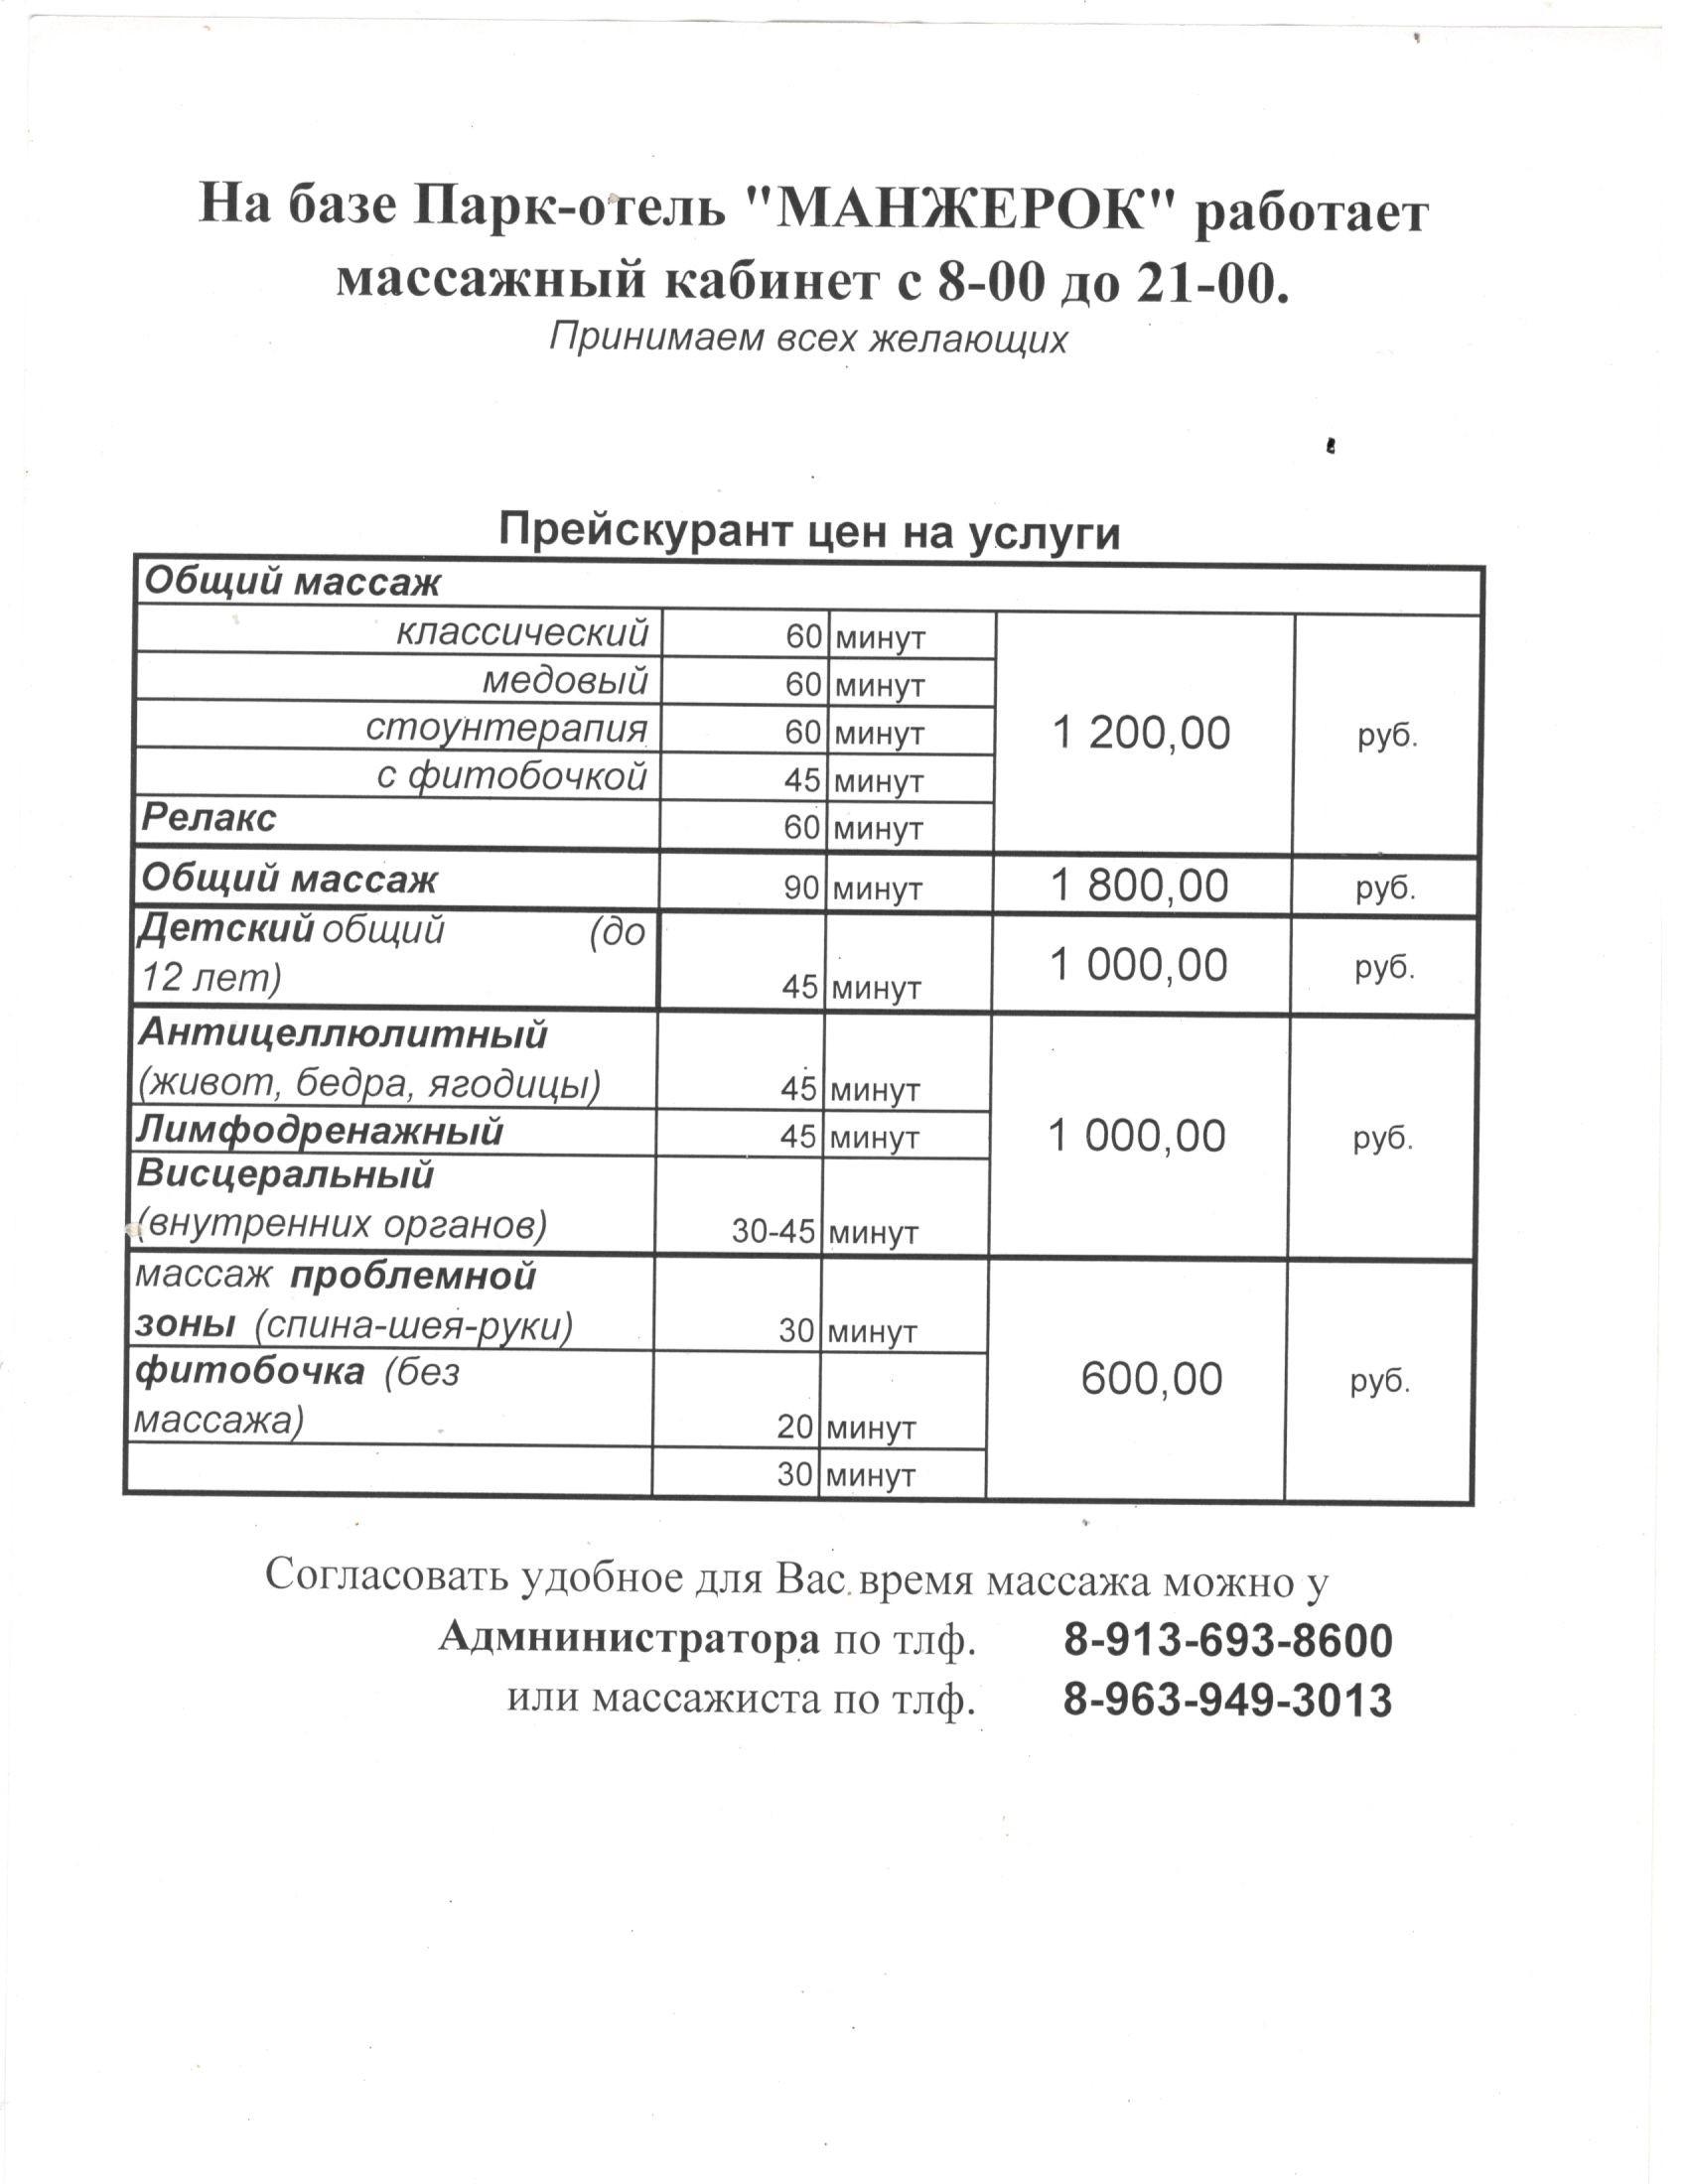 Радиесс Гаражный проезд Чебоксары